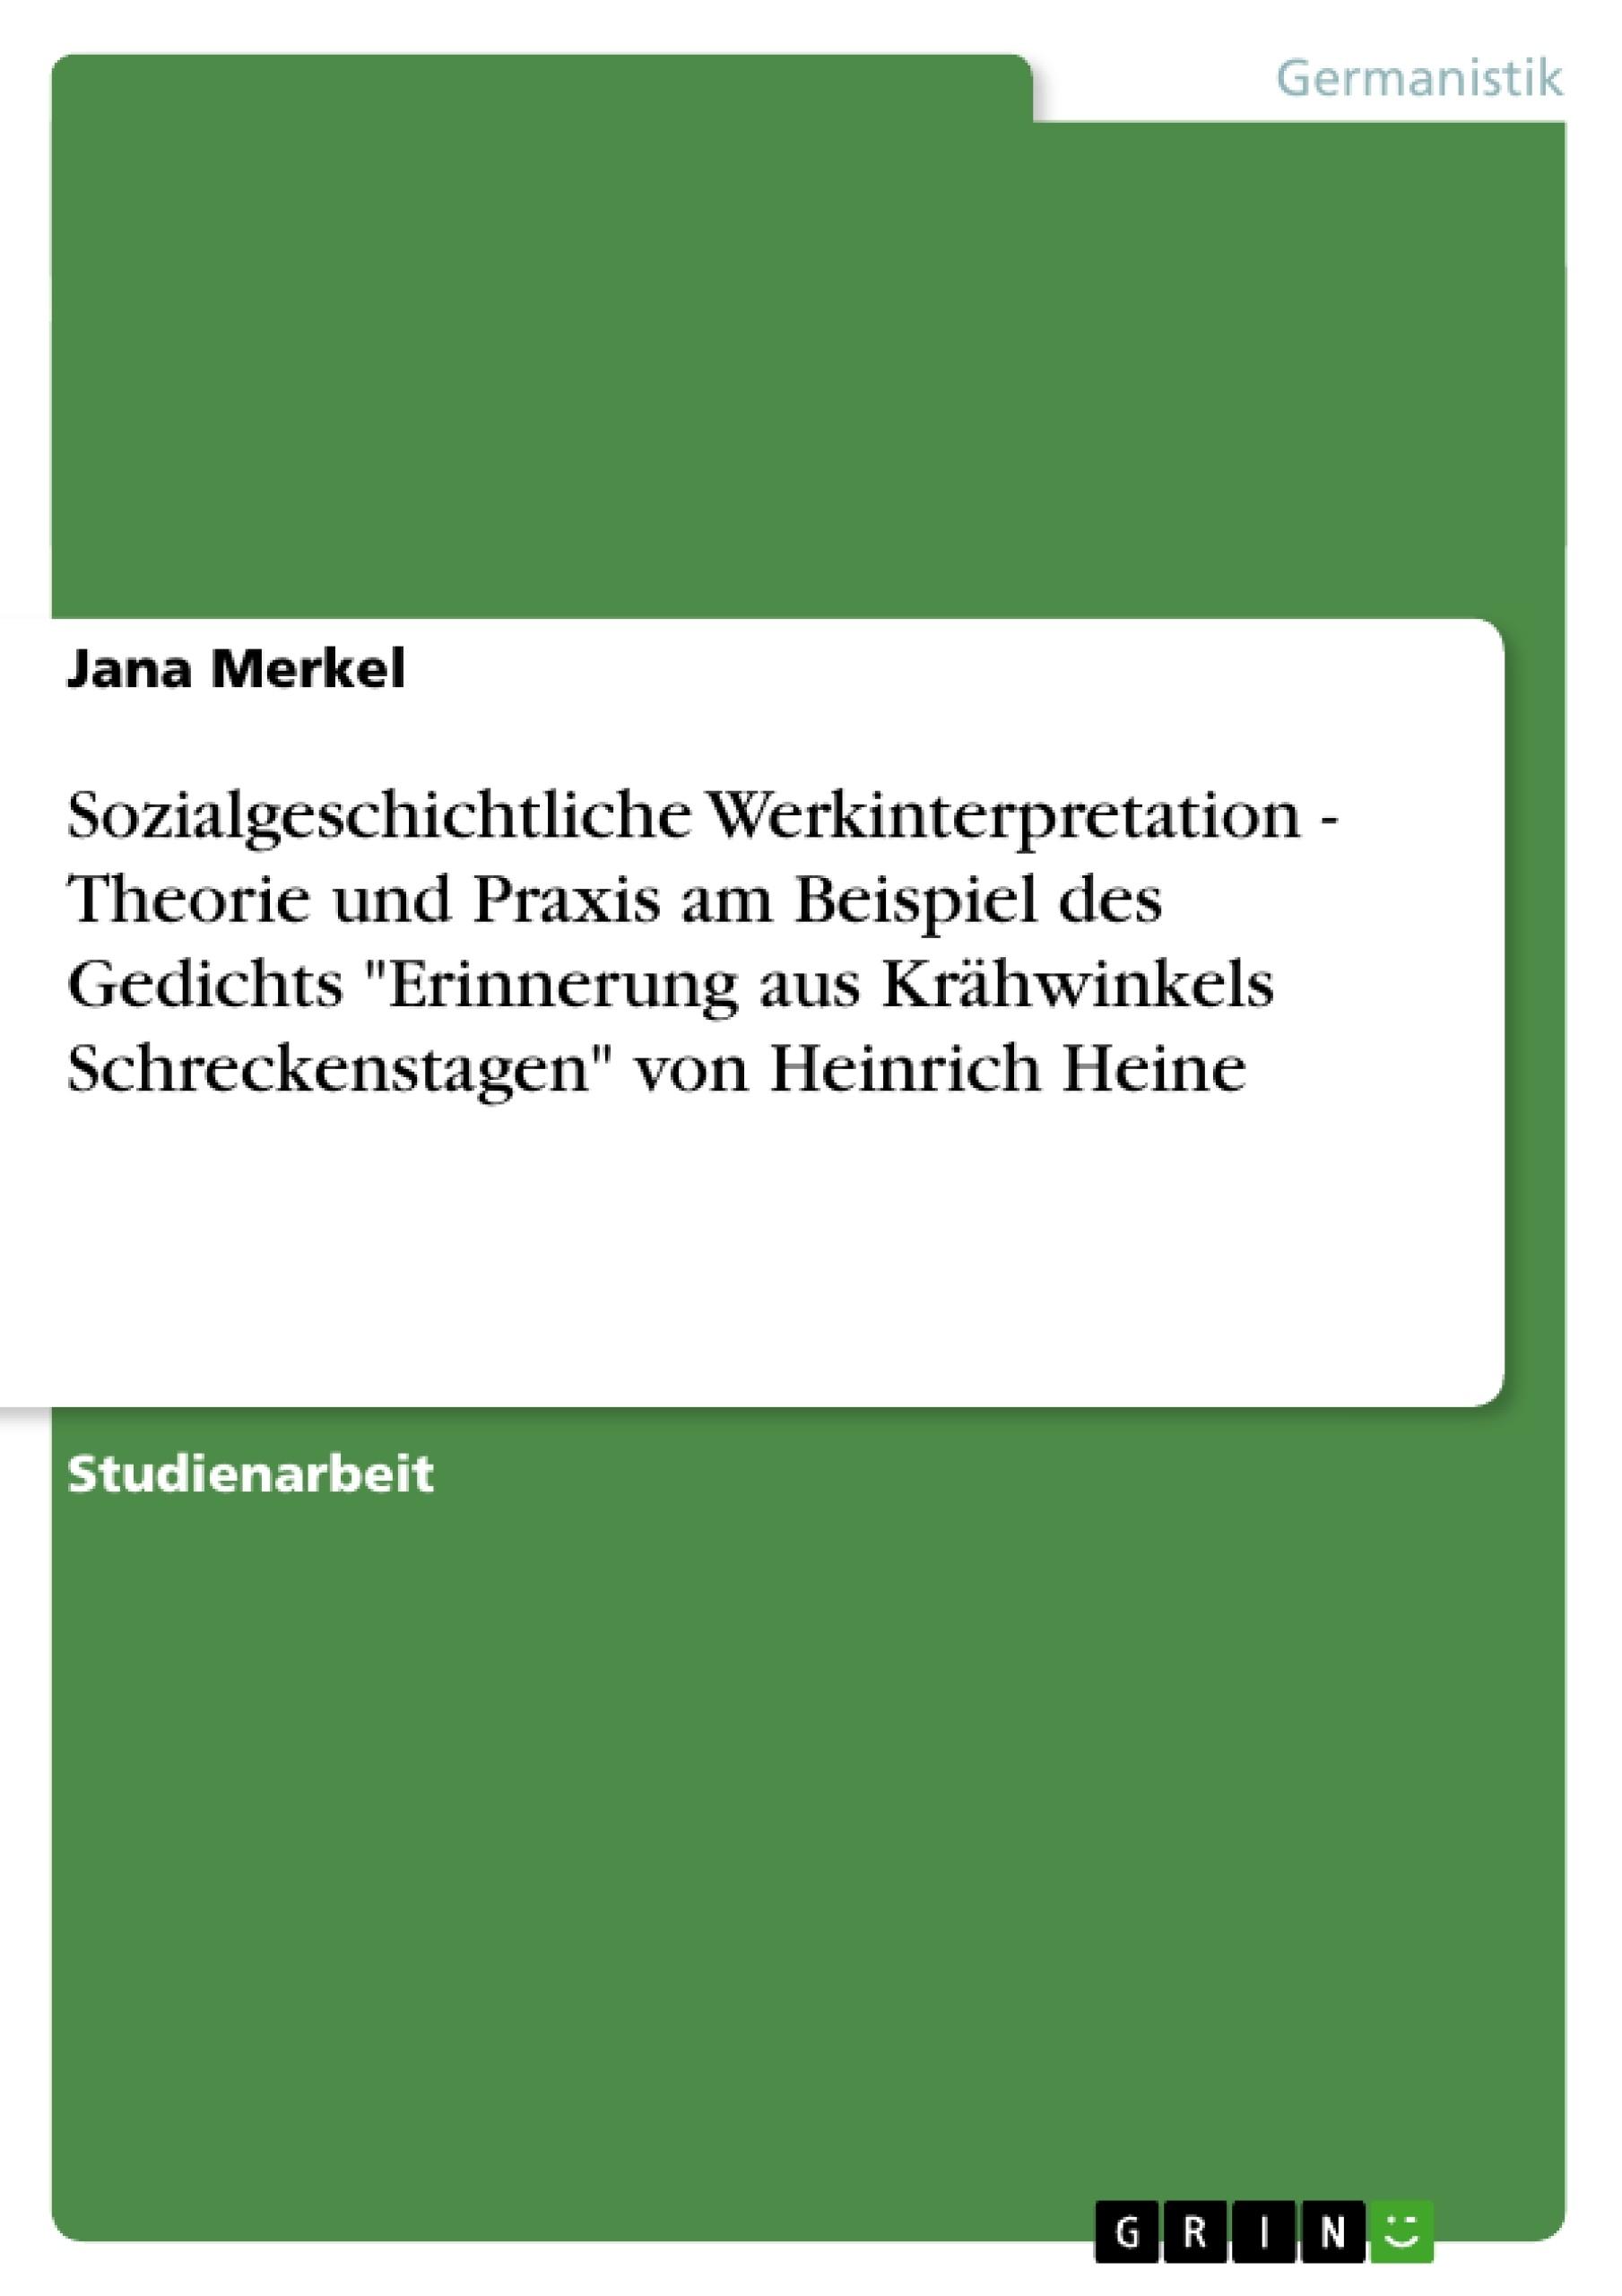 """Titel: Sozialgeschichtliche Werkinterpretation - Theorie und Praxis am Beispiel des Gedichts """"Erinnerung aus Krähwinkels Schreckenstagen"""" von Heinrich Heine"""